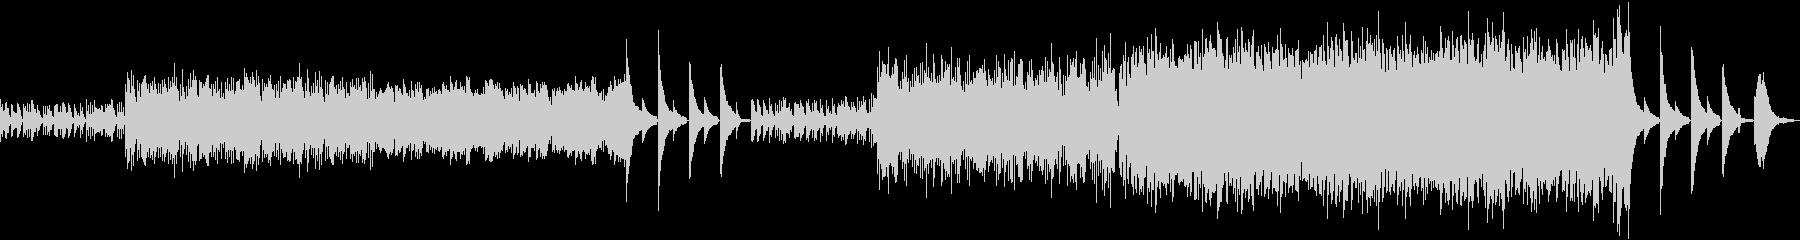 大サビのピアノメロなしの未再生の波形